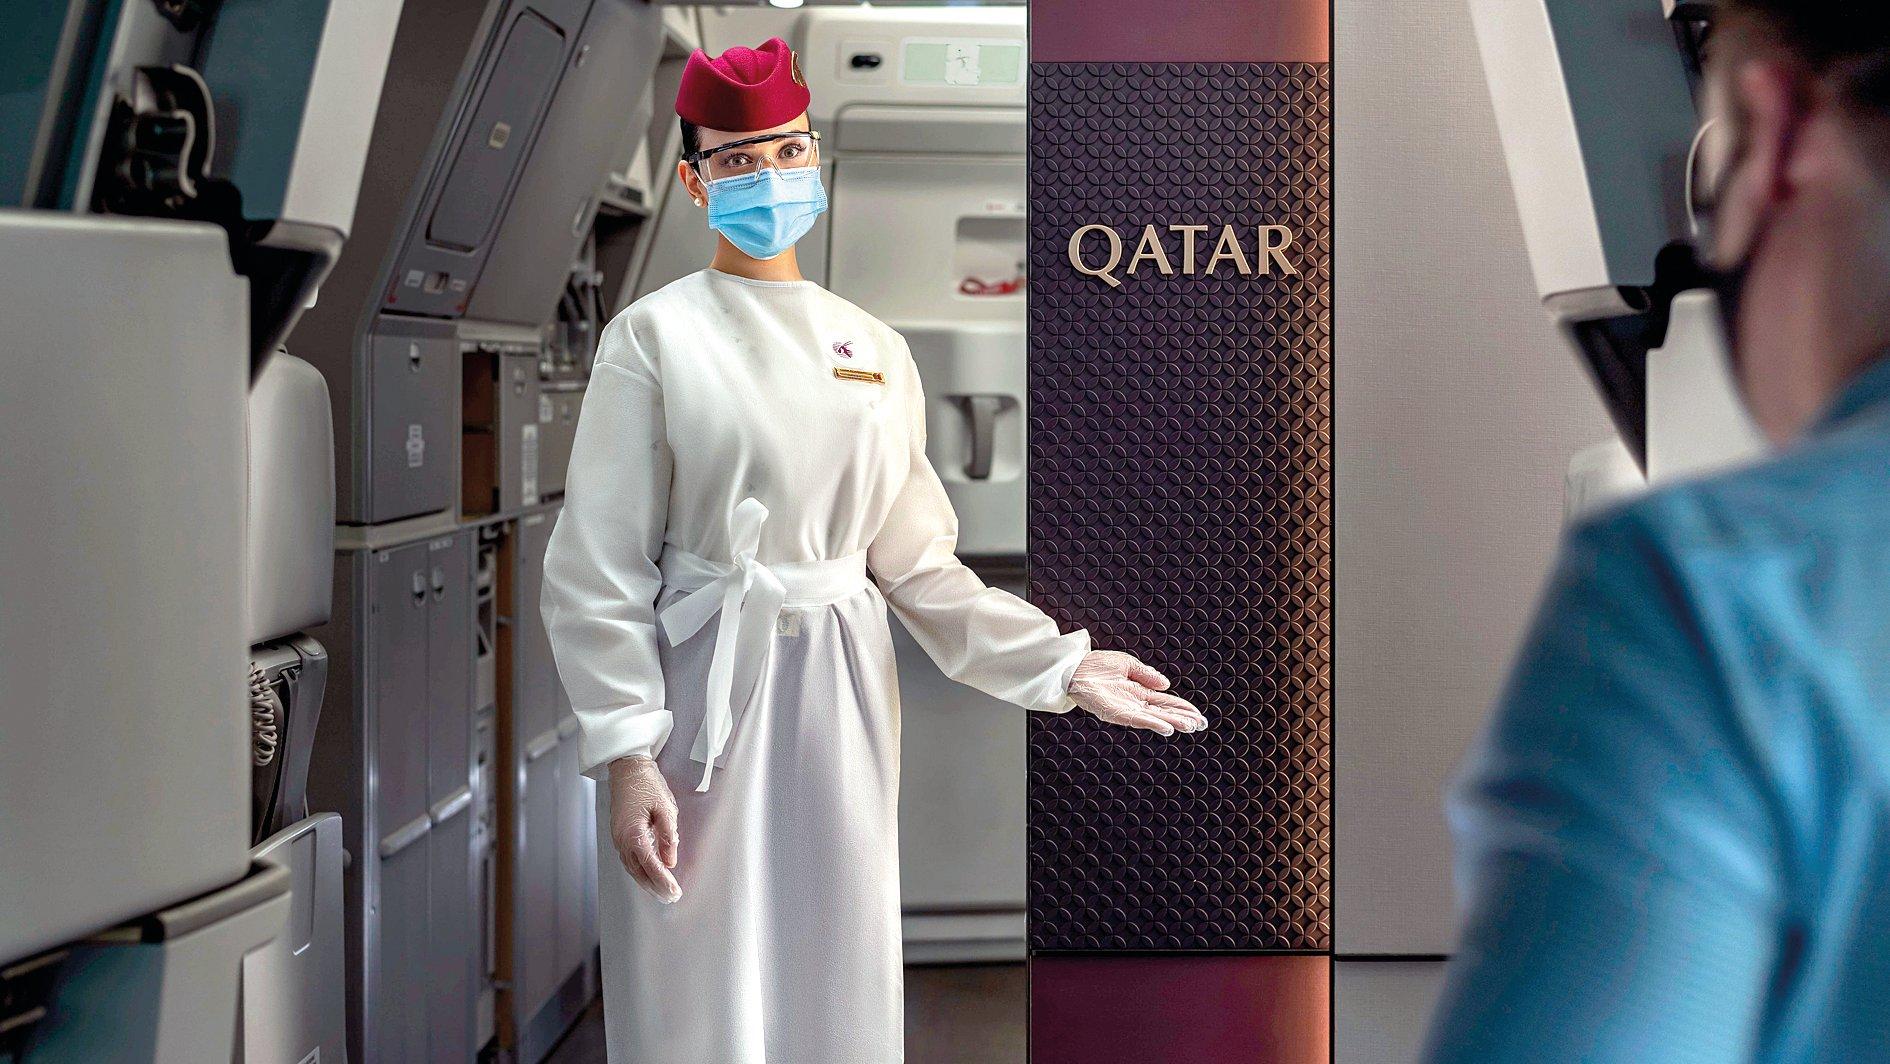 Qatar Airways Named World's Best Airline